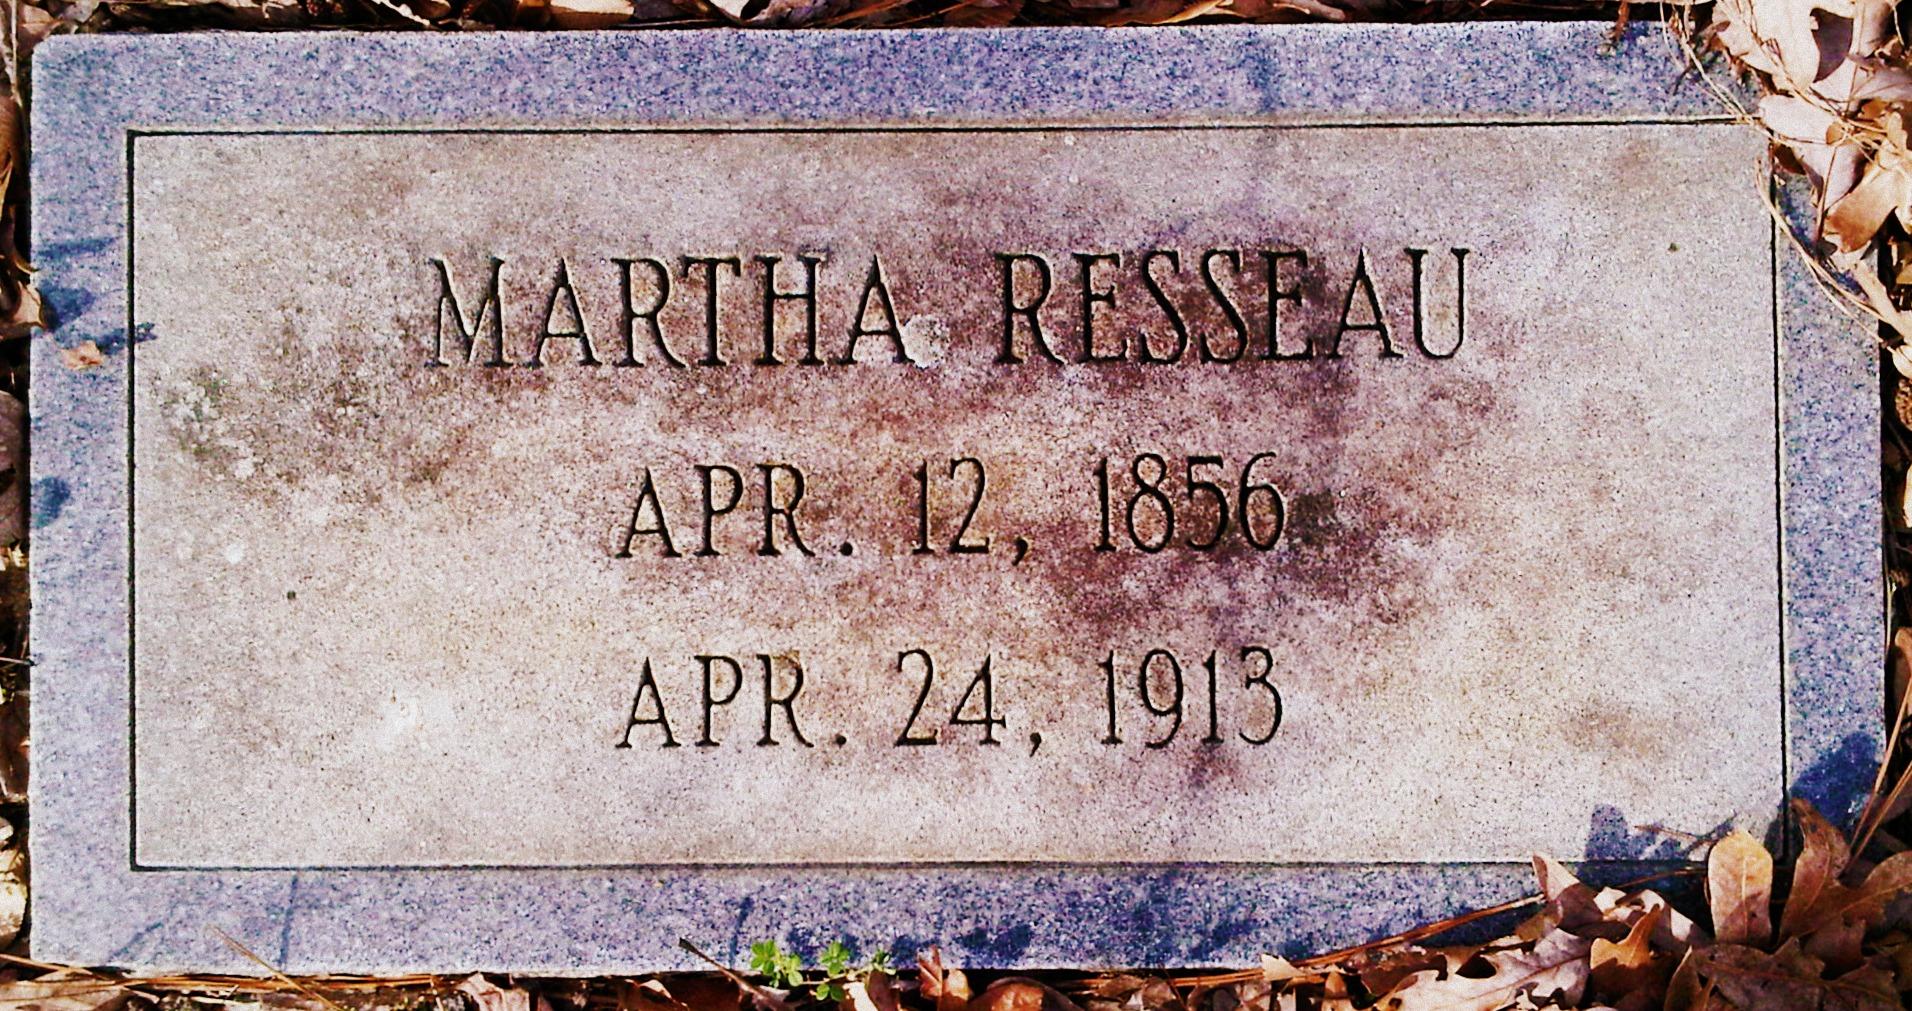 Martha Resseau